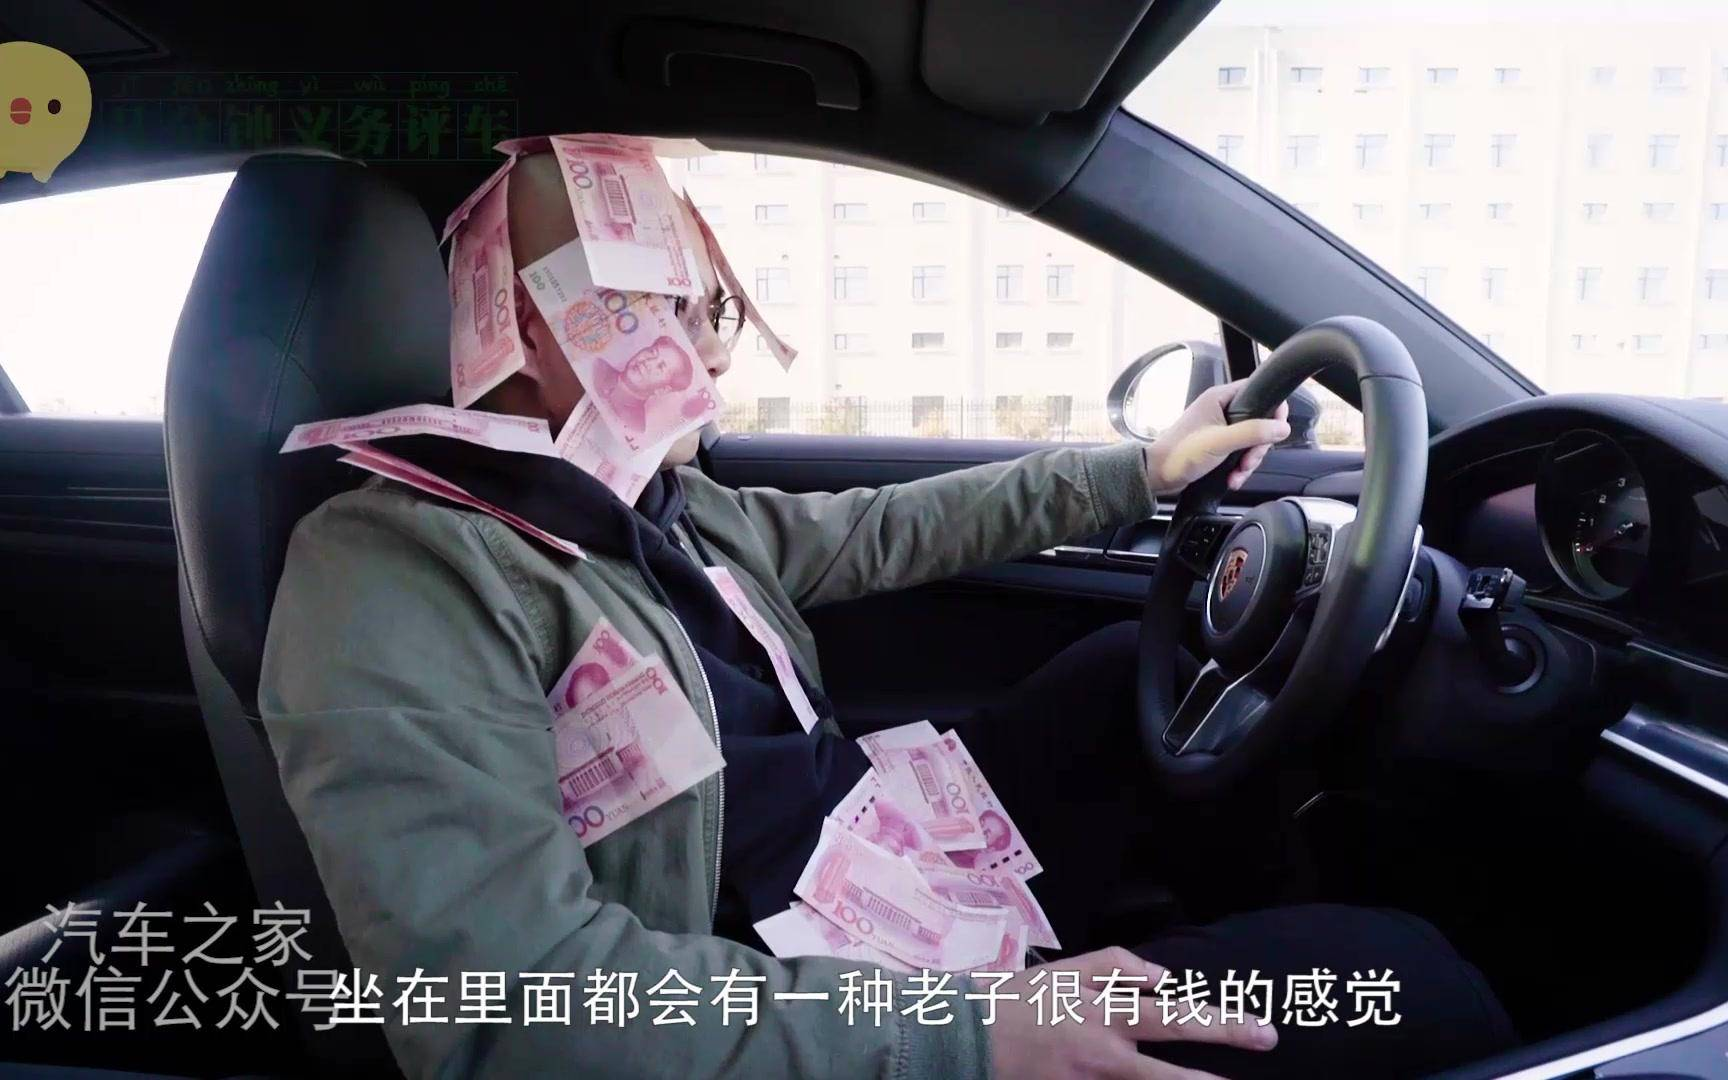 开一辆豪车是什么感觉, 导演真是膨胀了, 两百万的车也敢测评了——保时捷帕纳梅拉【几分钟义务评车】